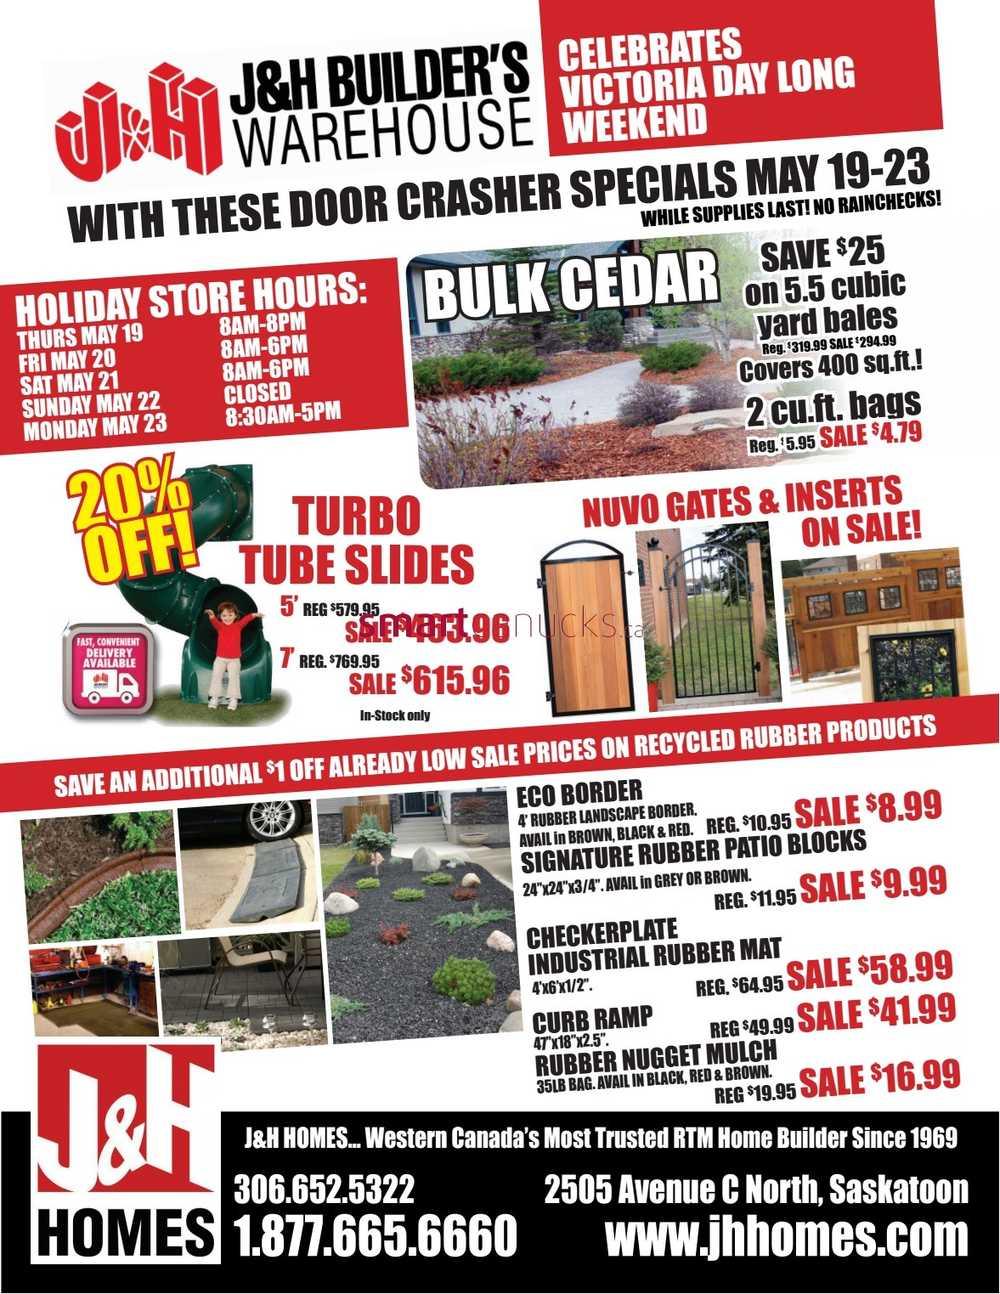 Builders warehouse sales flyer